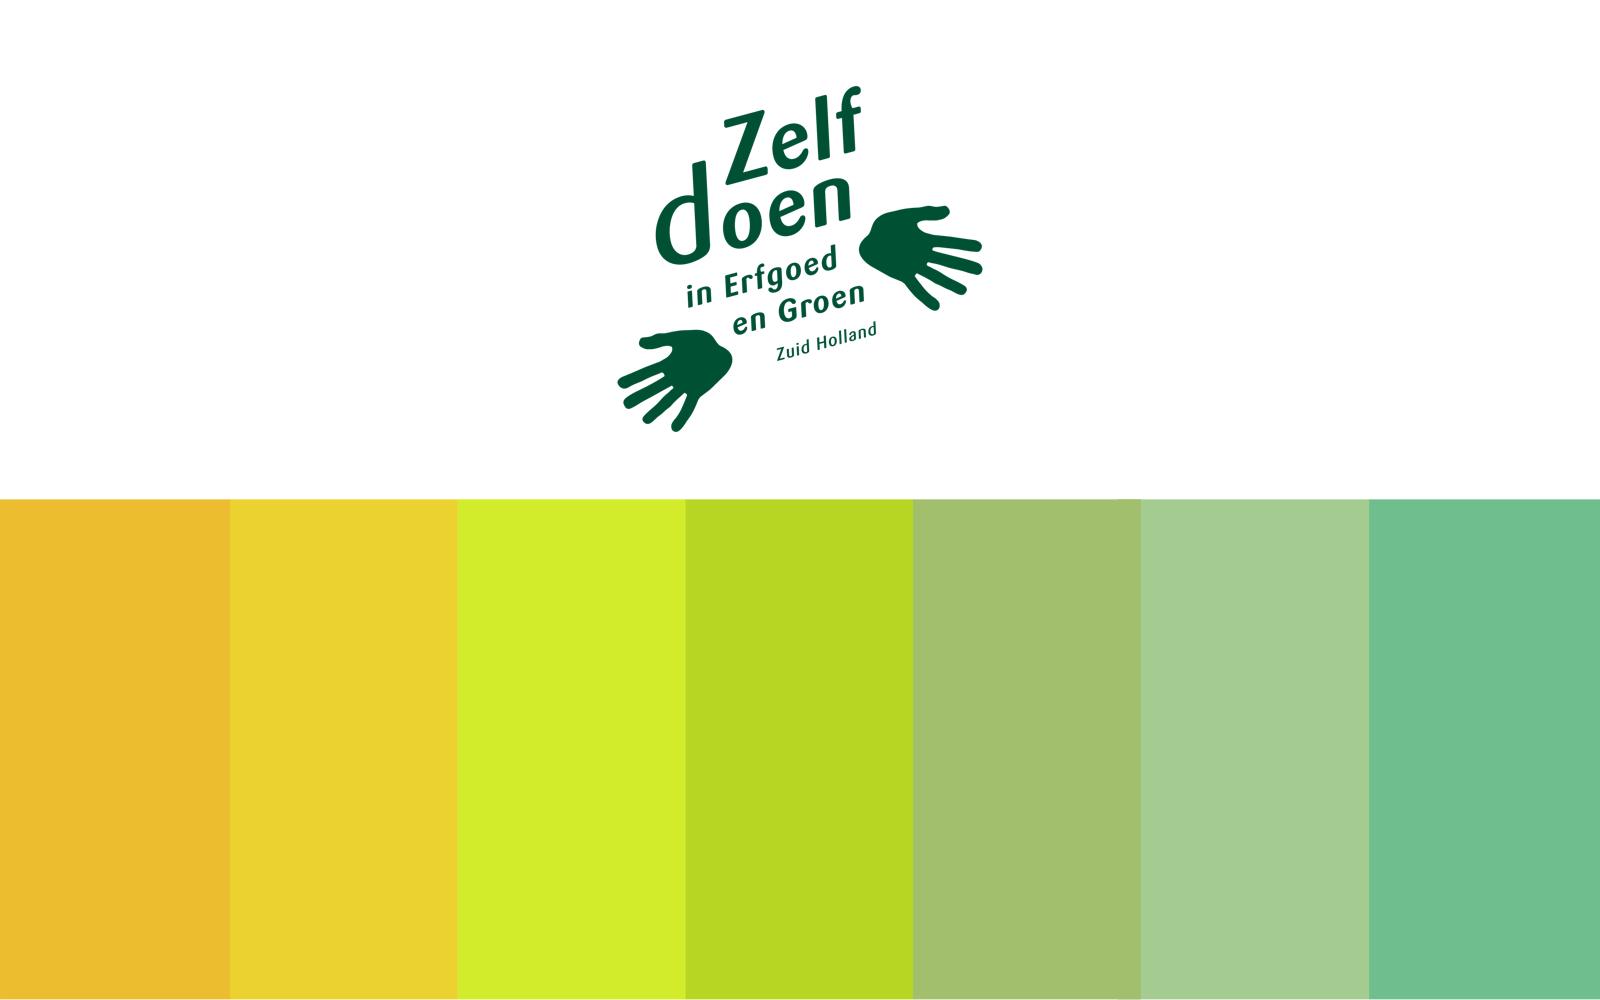 zelf-doen-in-erfgoed-en-groen